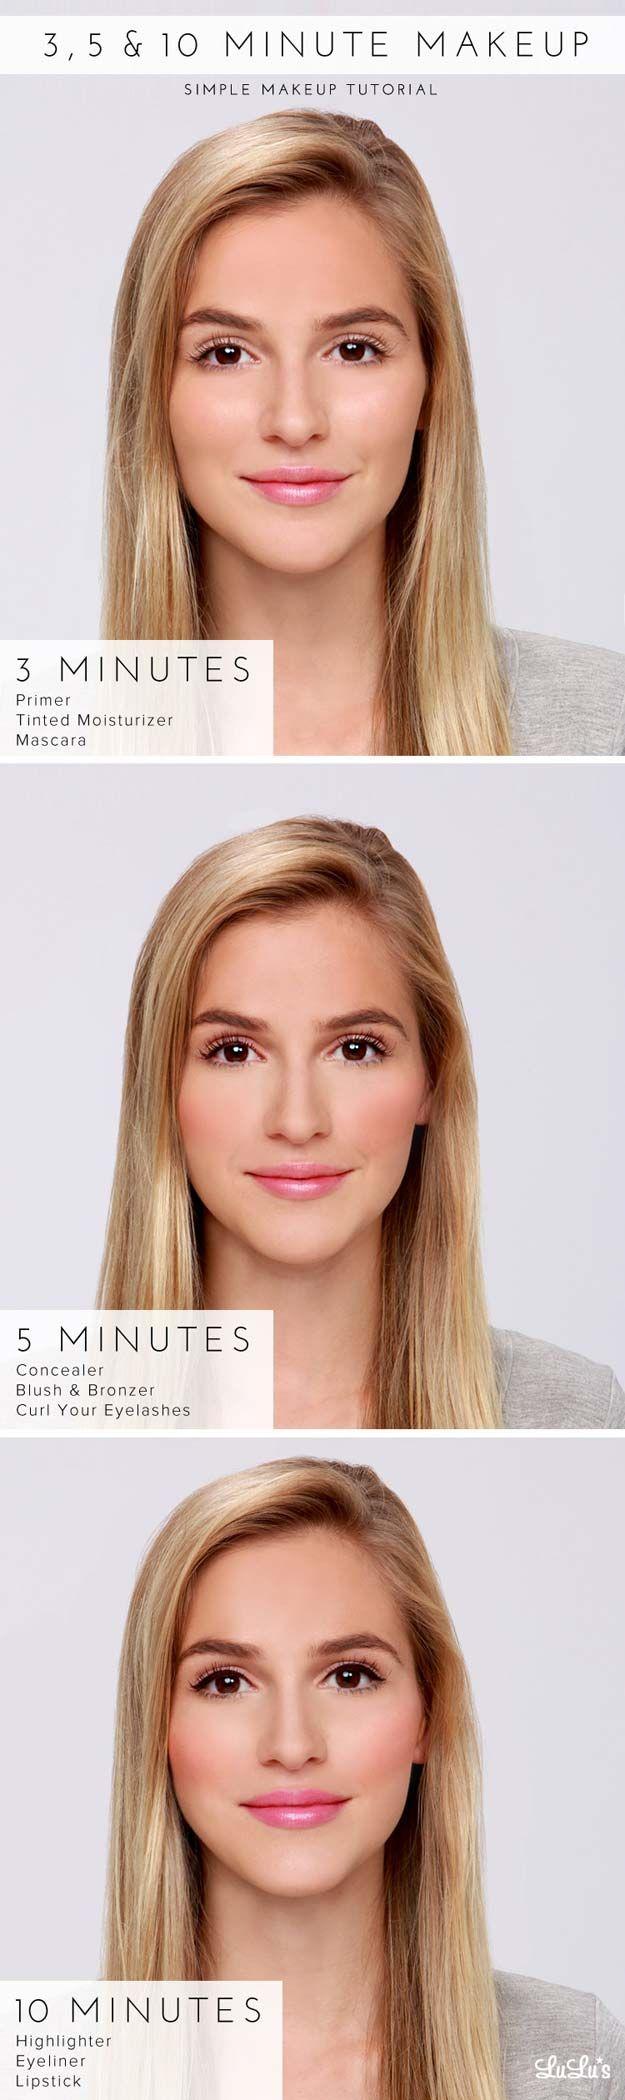 24 Cool Makeup Tutorials für Jugendliche | DIY Schönheit, Einfache ...